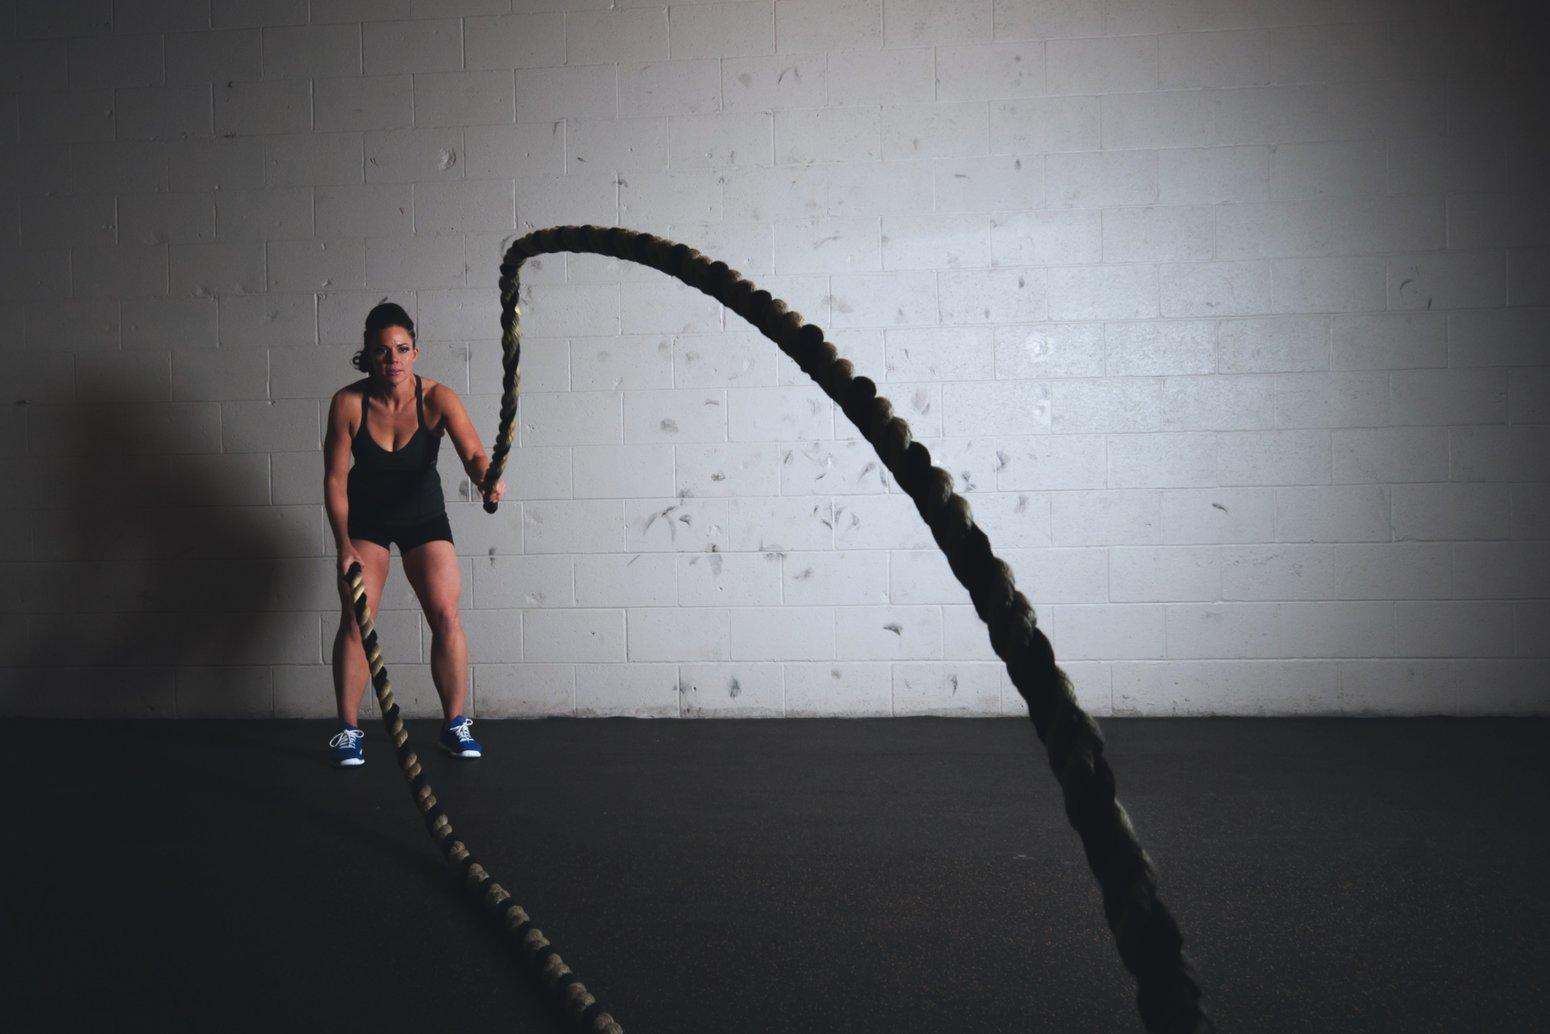 Accepteren door te sporten